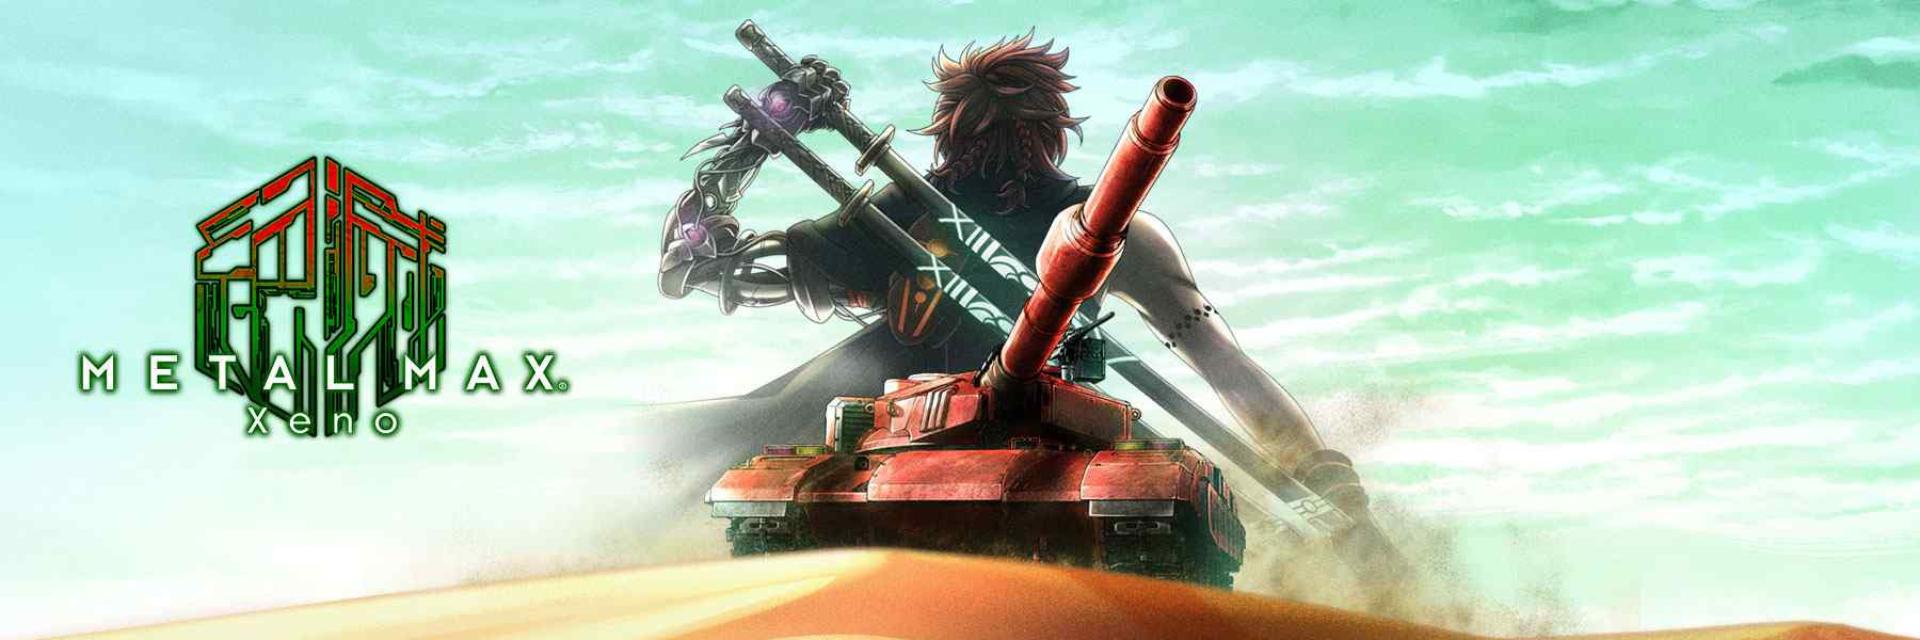 【講 GAME 話】人類浩劫、戰車制霸?打怪練等不稀奇 《坦克戰記 異傳 -末日餘生-》「戰車狩獵」才夠狂!